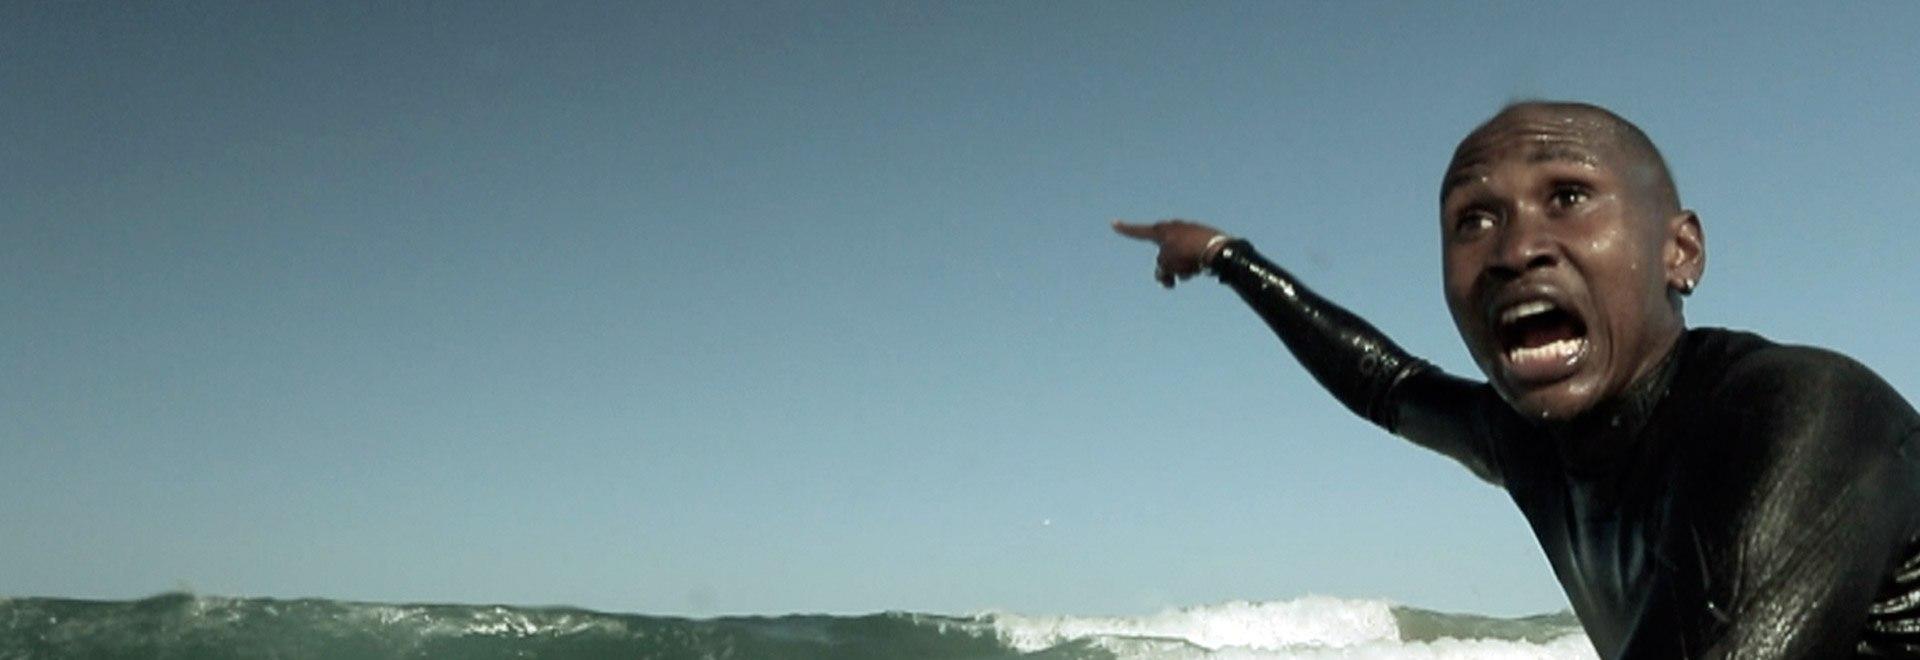 Gli squali più pericolosi del mondo: attacchi mortali